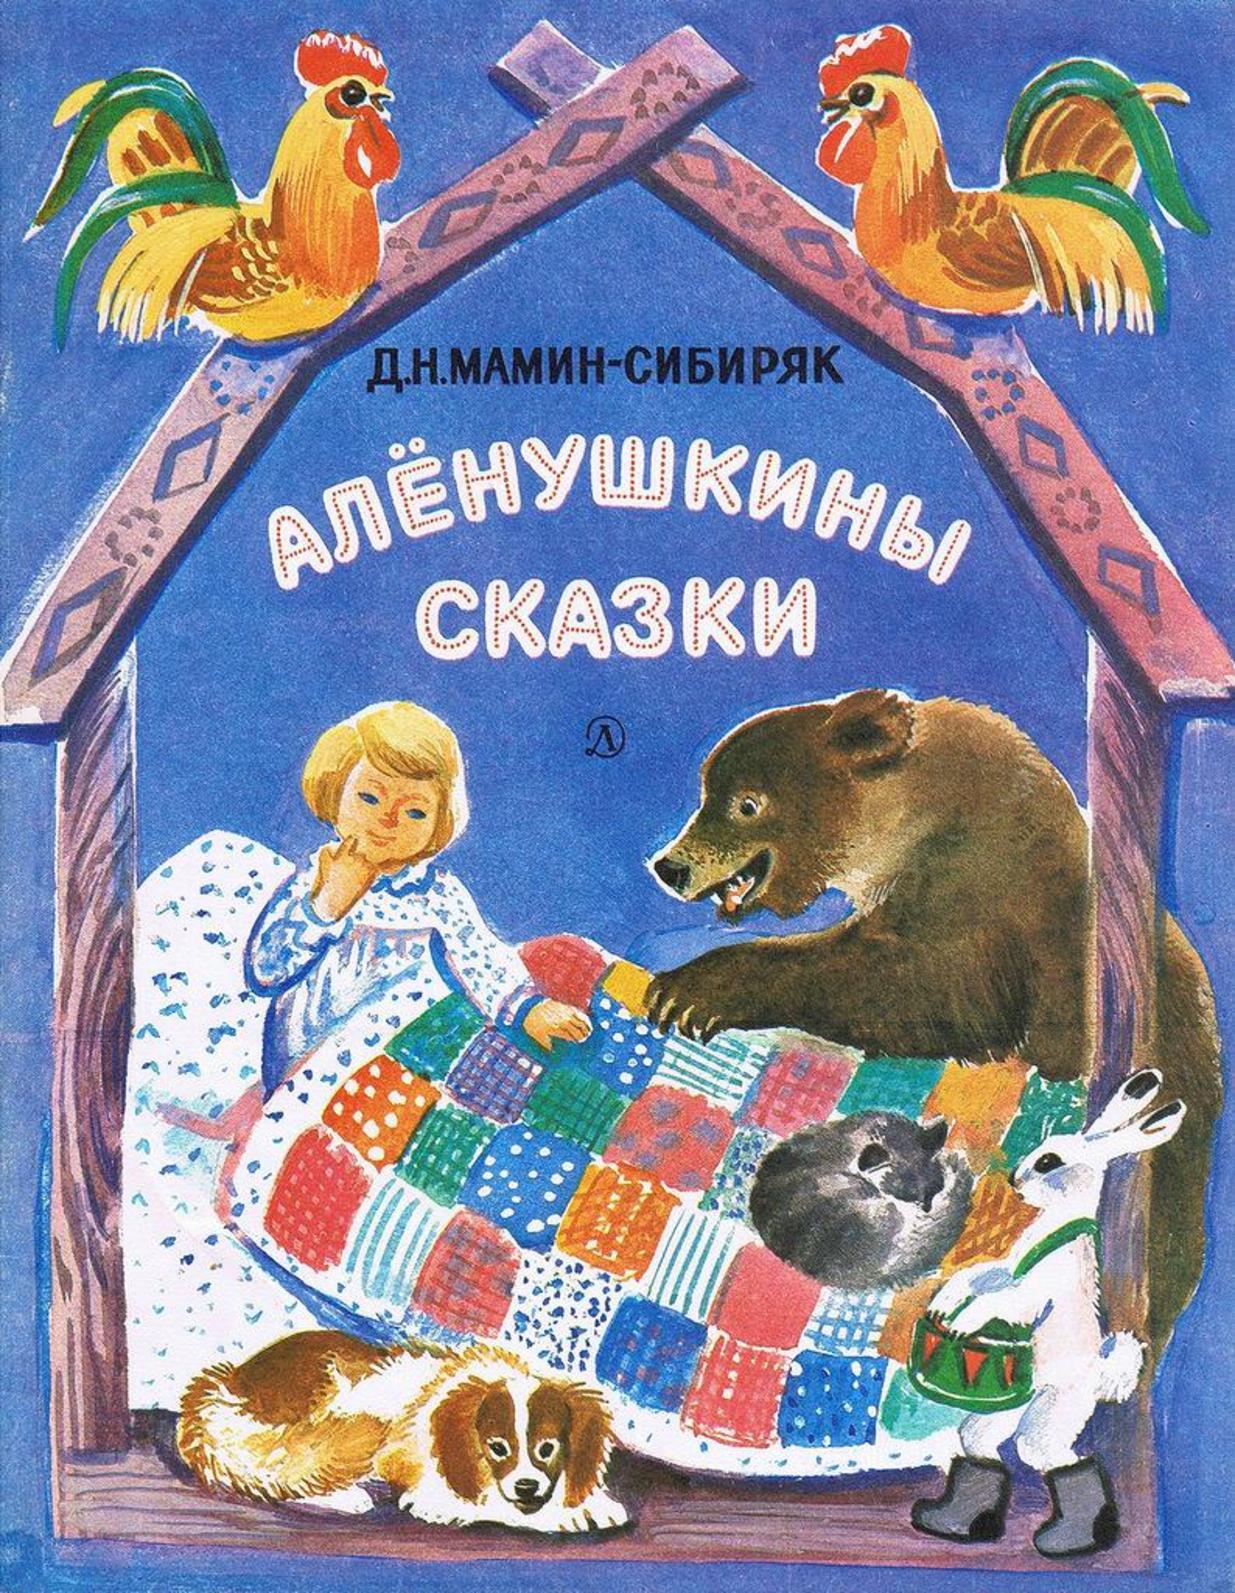 Картинки к рассказам мамин сибиряк создаст